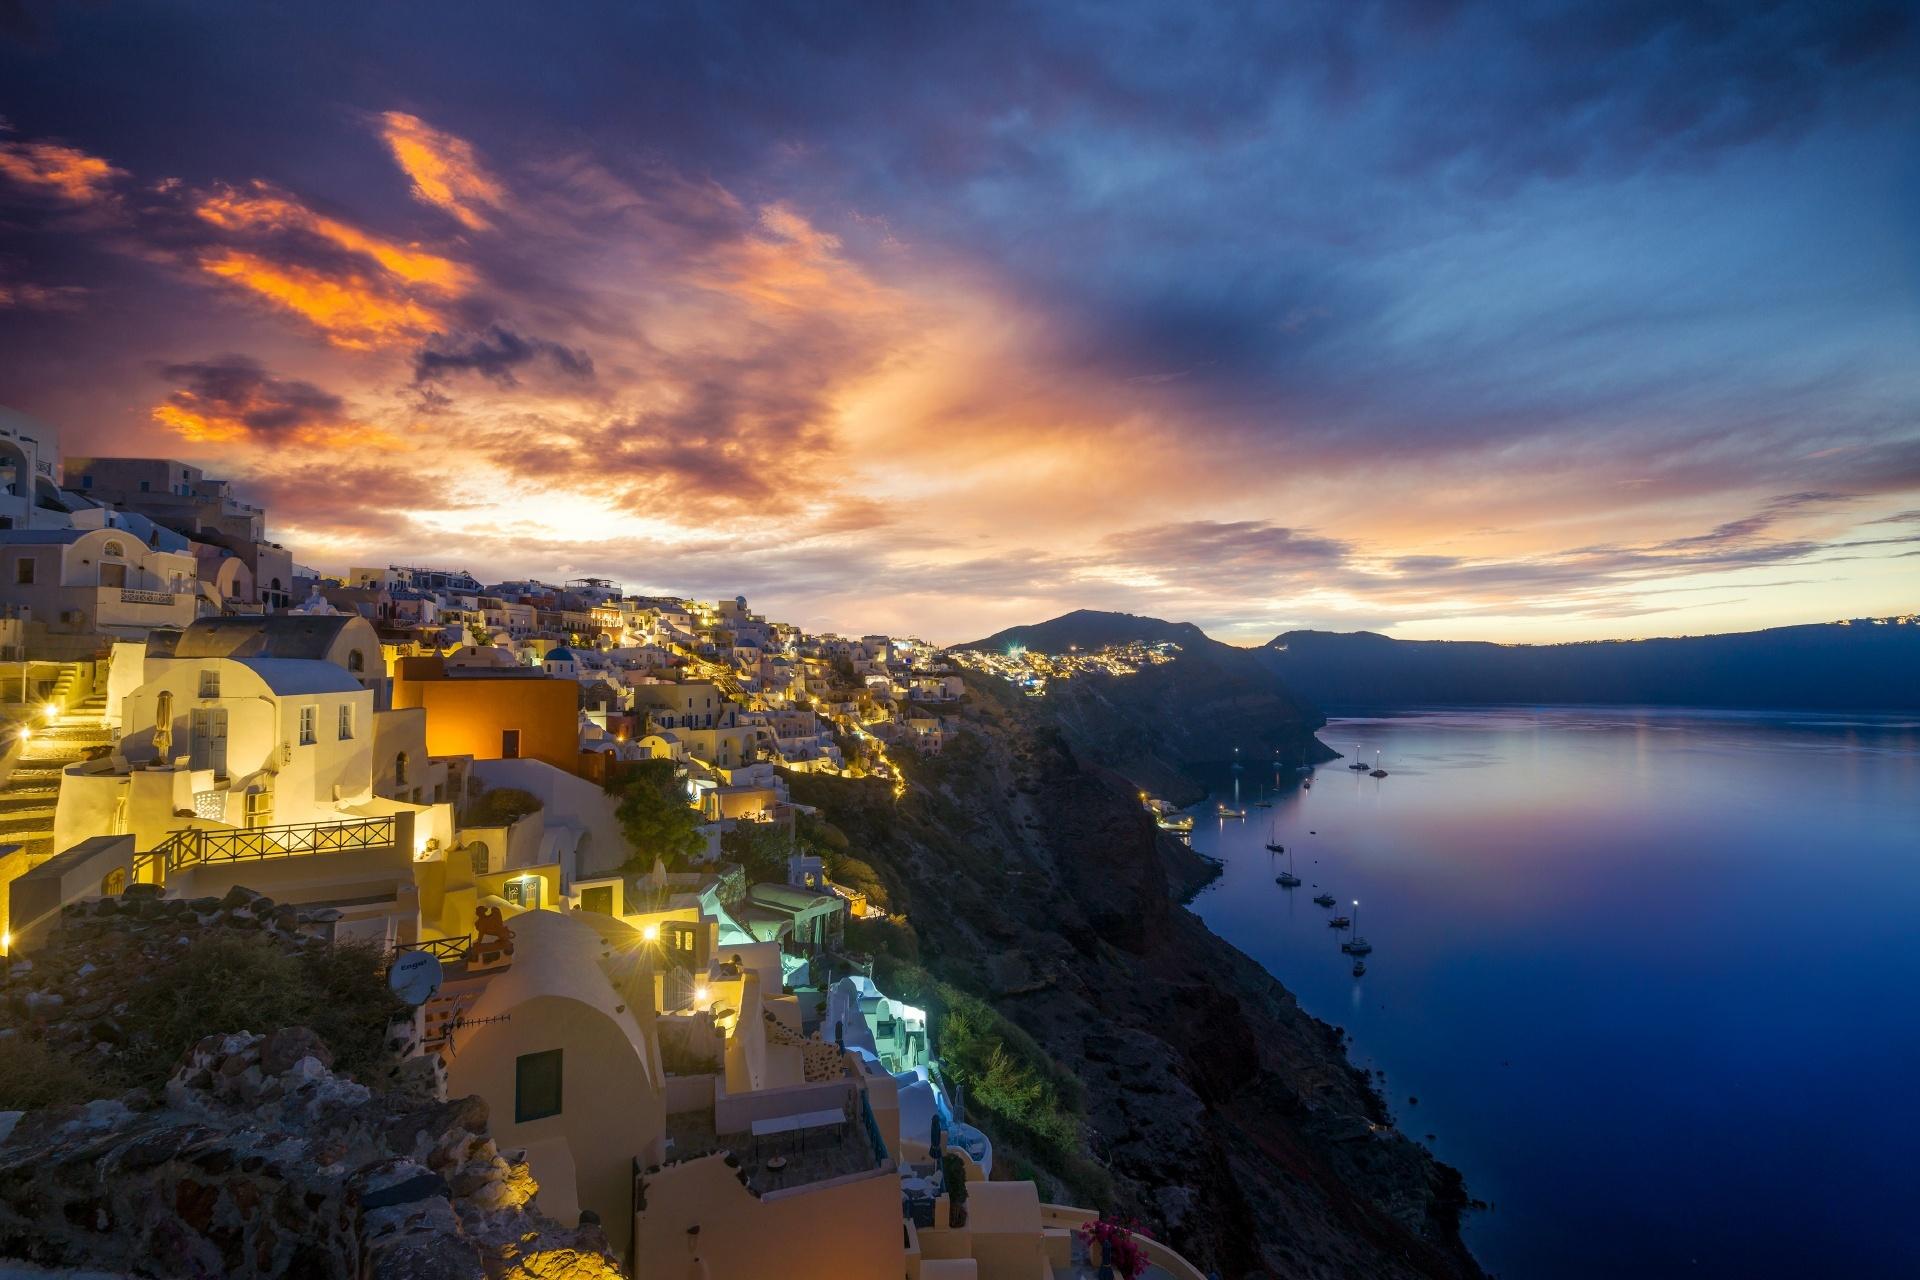 ギリシャ サントリーニ島 日の出を待つイアの旧市街の風景